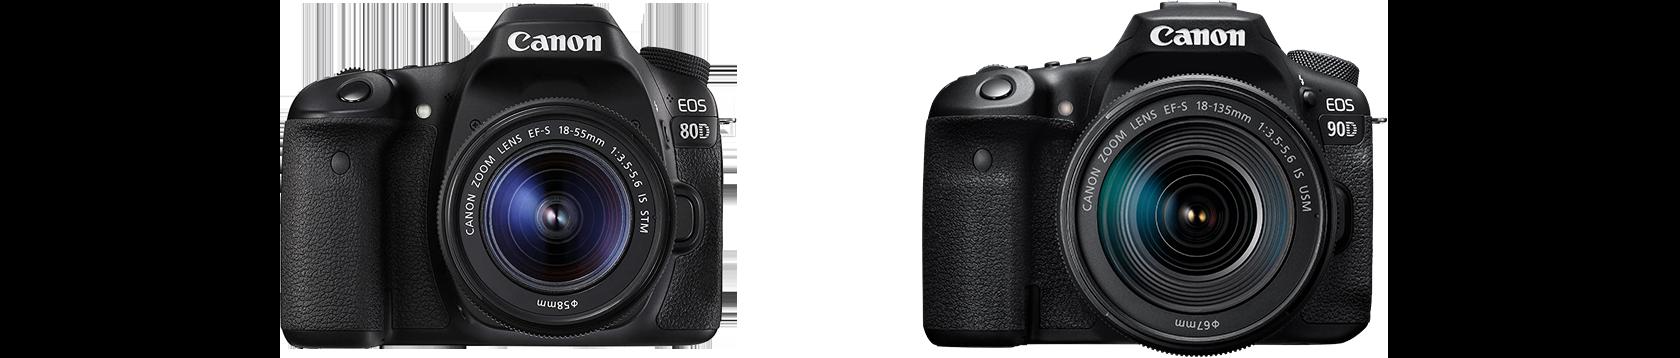 ポリカーボネートボディ採用の EOS 80D と EOS 90D